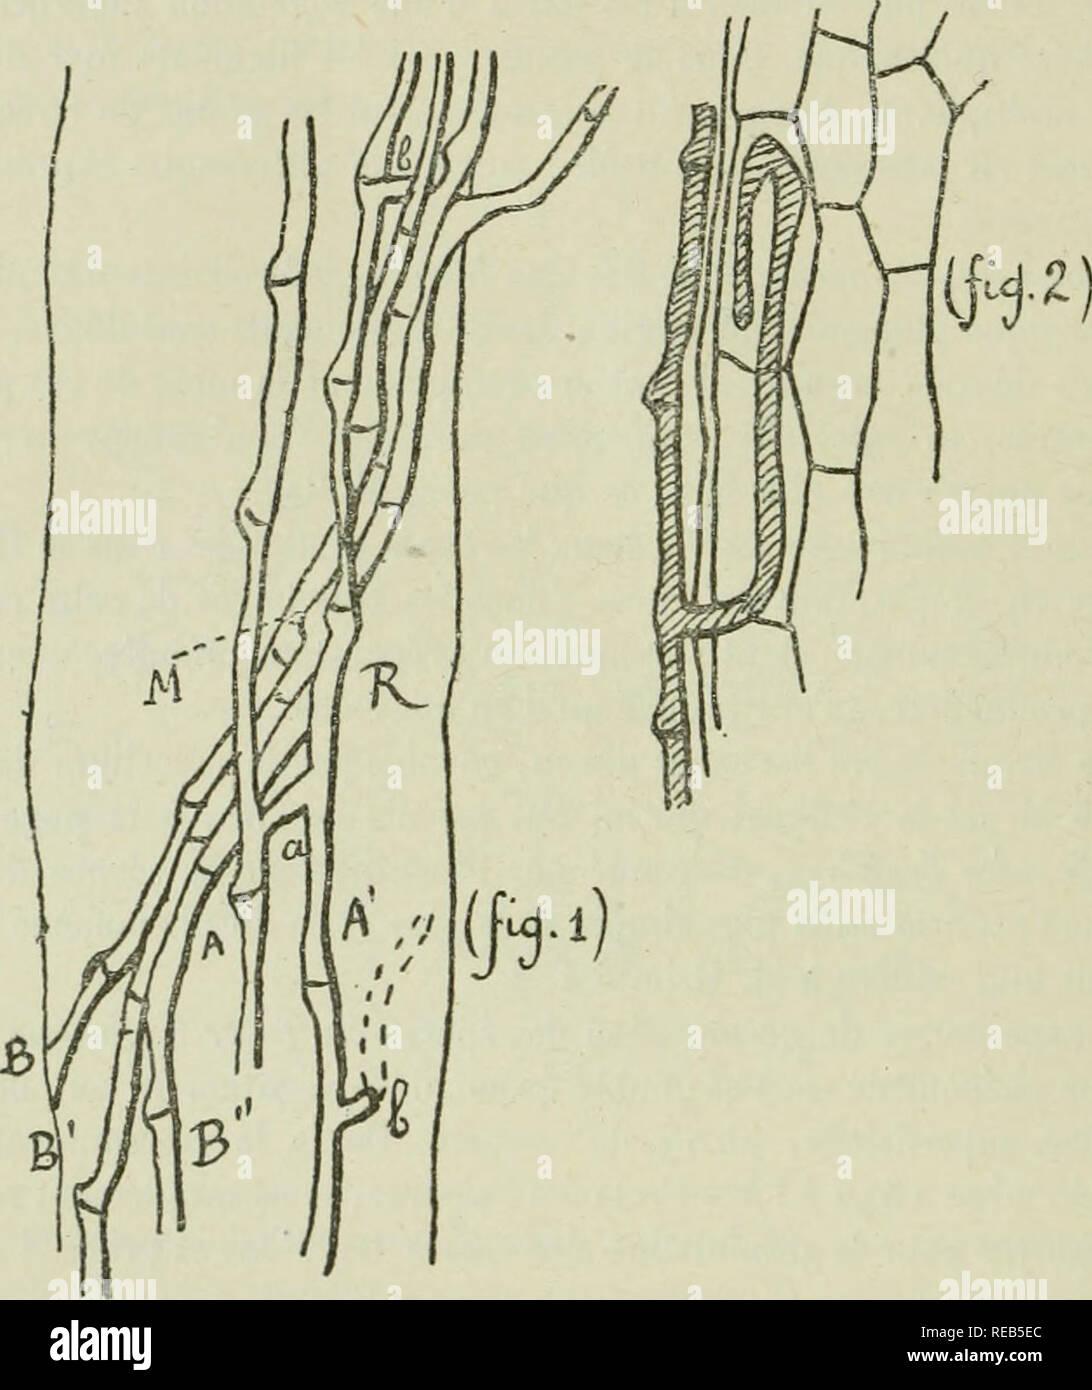 . Congrès international de sylviculture, tenu à Paris du 4 au 7 juin 1900, sous la présidence de M. Daubrée. Compte rendu détaillé. Les forêts et la foresterie. -1-9.( 610 )&Lt;^- UE juillet 1898, j'ai fait enir du Ventoux de Bedoin, provenant d'une place en préparation, des plantes de thym, lavande et sarriette. Examen de ces plantes par M. Ray. - FfParmi les plantes recueillies sur une place en pre'réparation, il y en a de comj)lètcnient flétries et desséchées, d'autres sur le point de l'être et l'on ne trouve de pieds_bien portants qu'autour de l'espace occupé par les pieds malades.. tQuand sondages sur Photo Stock